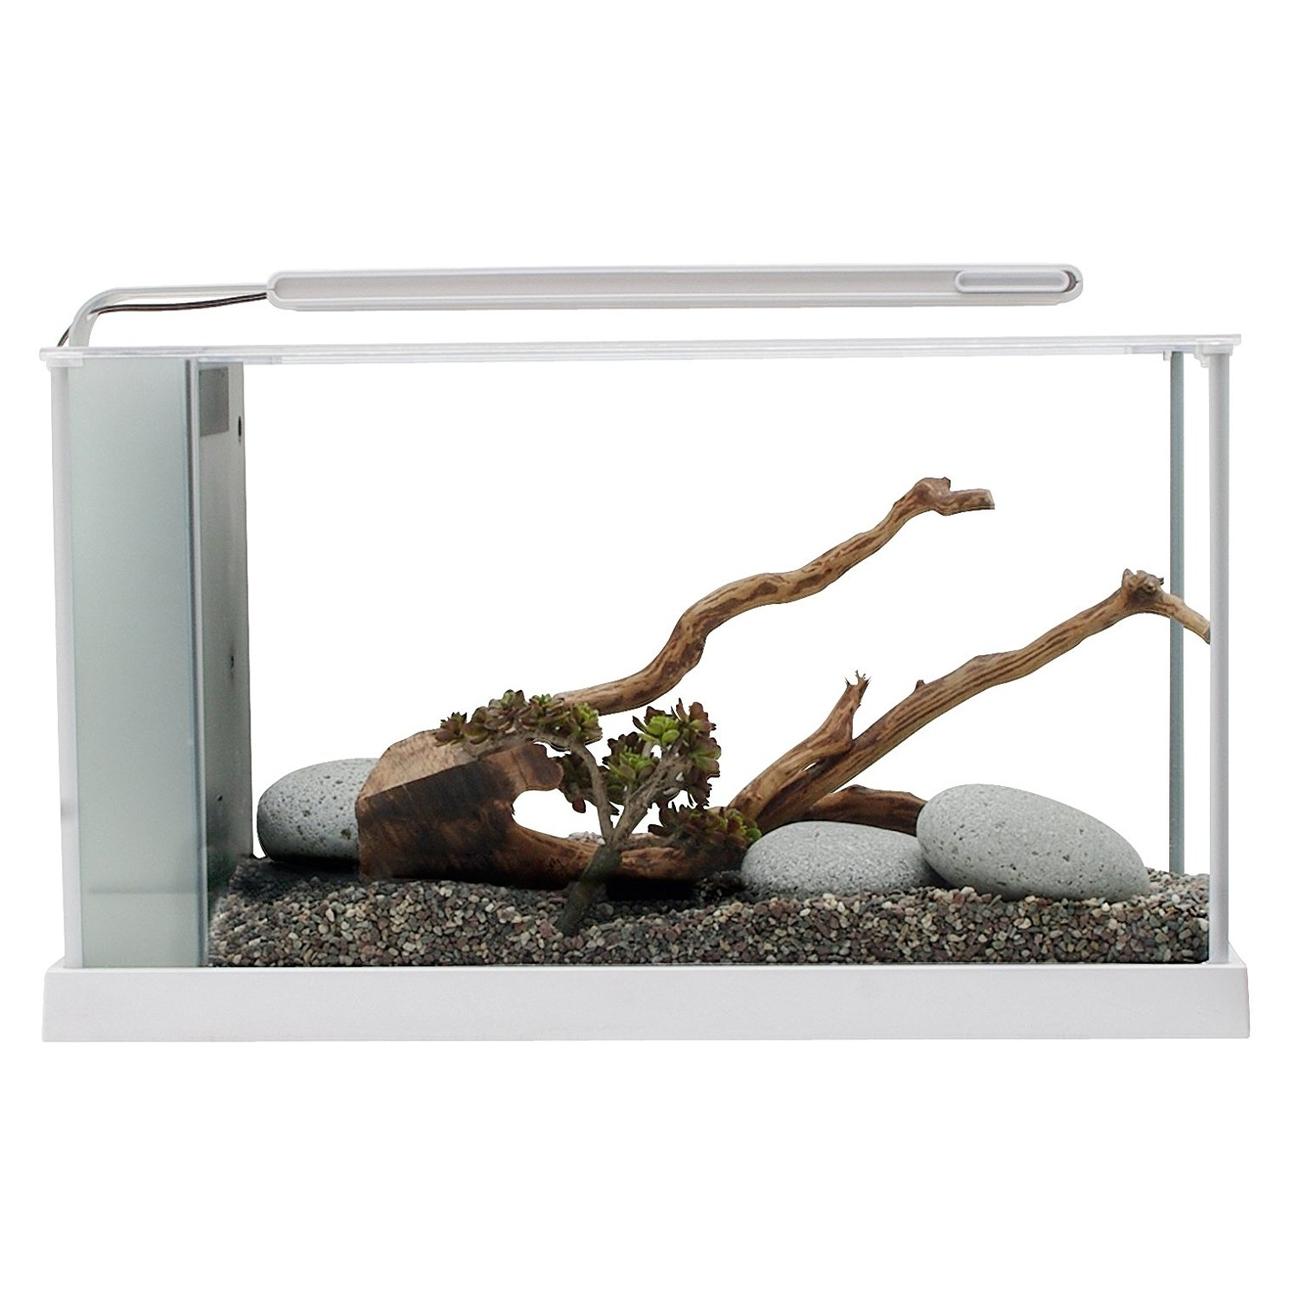 Fluval SPEC Süßwasser Aquarium Set, Bild 5